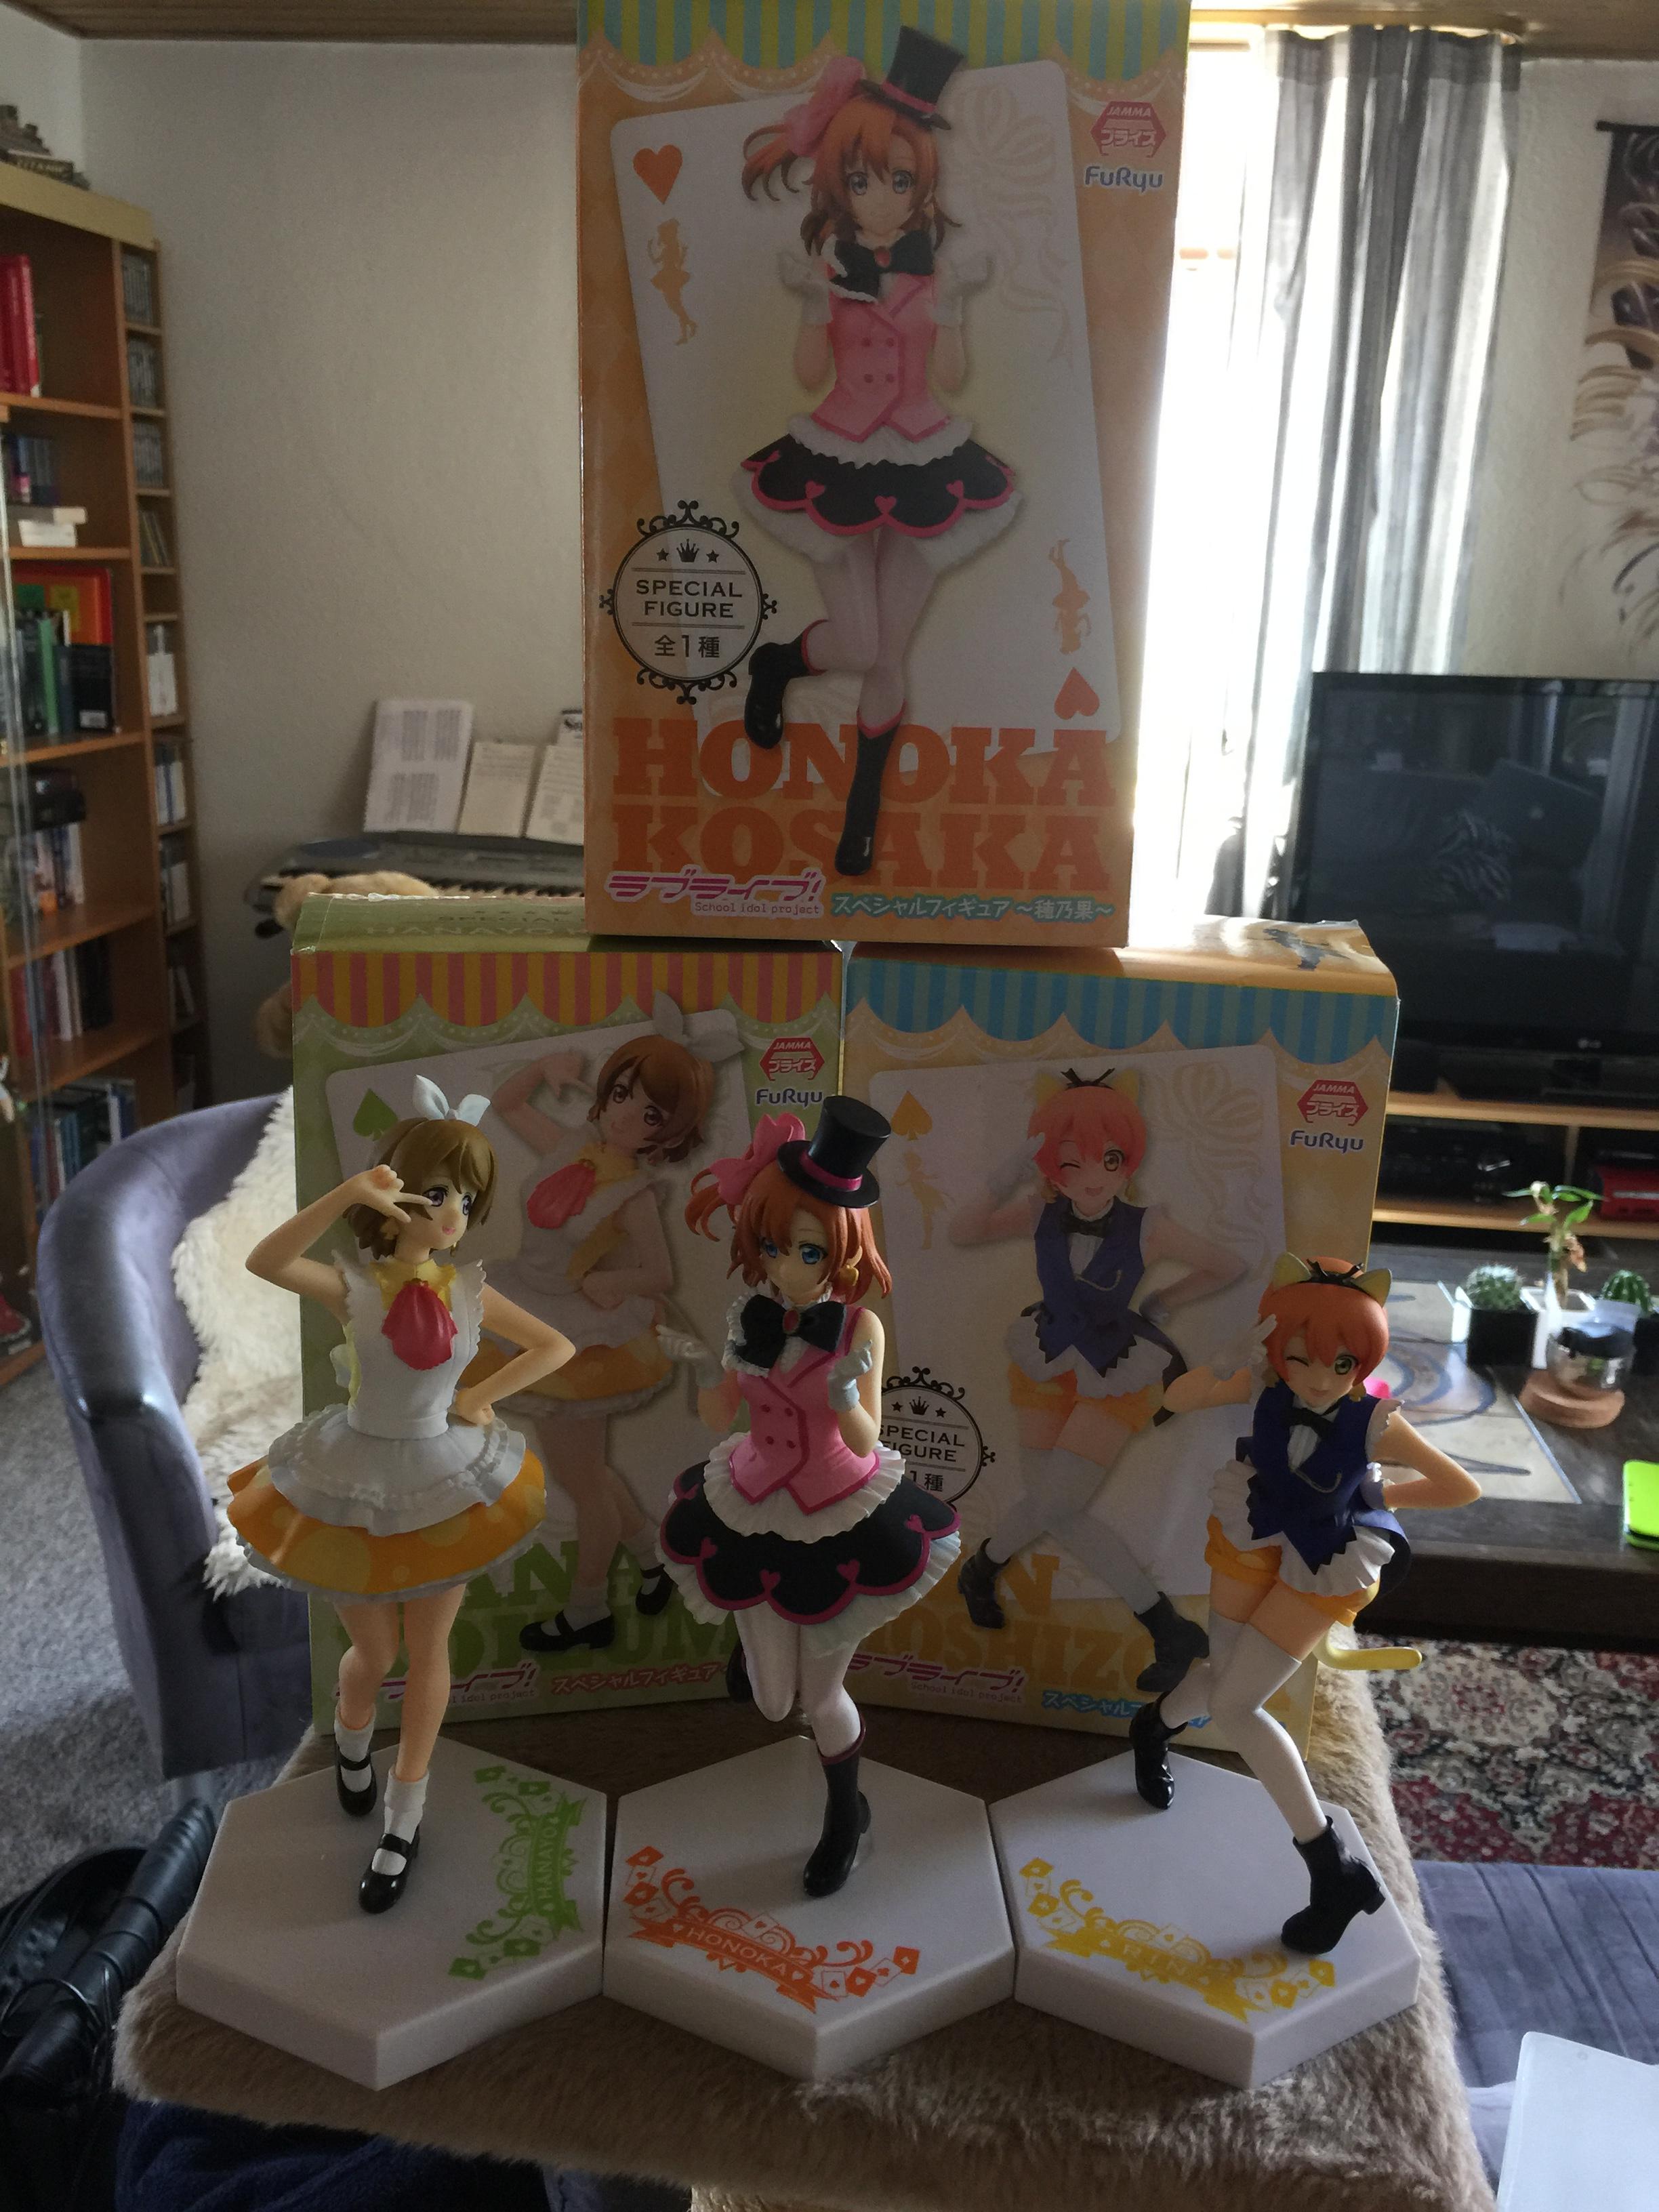 Fredag 24 februar 2017 - Anime figurer og samling af dem